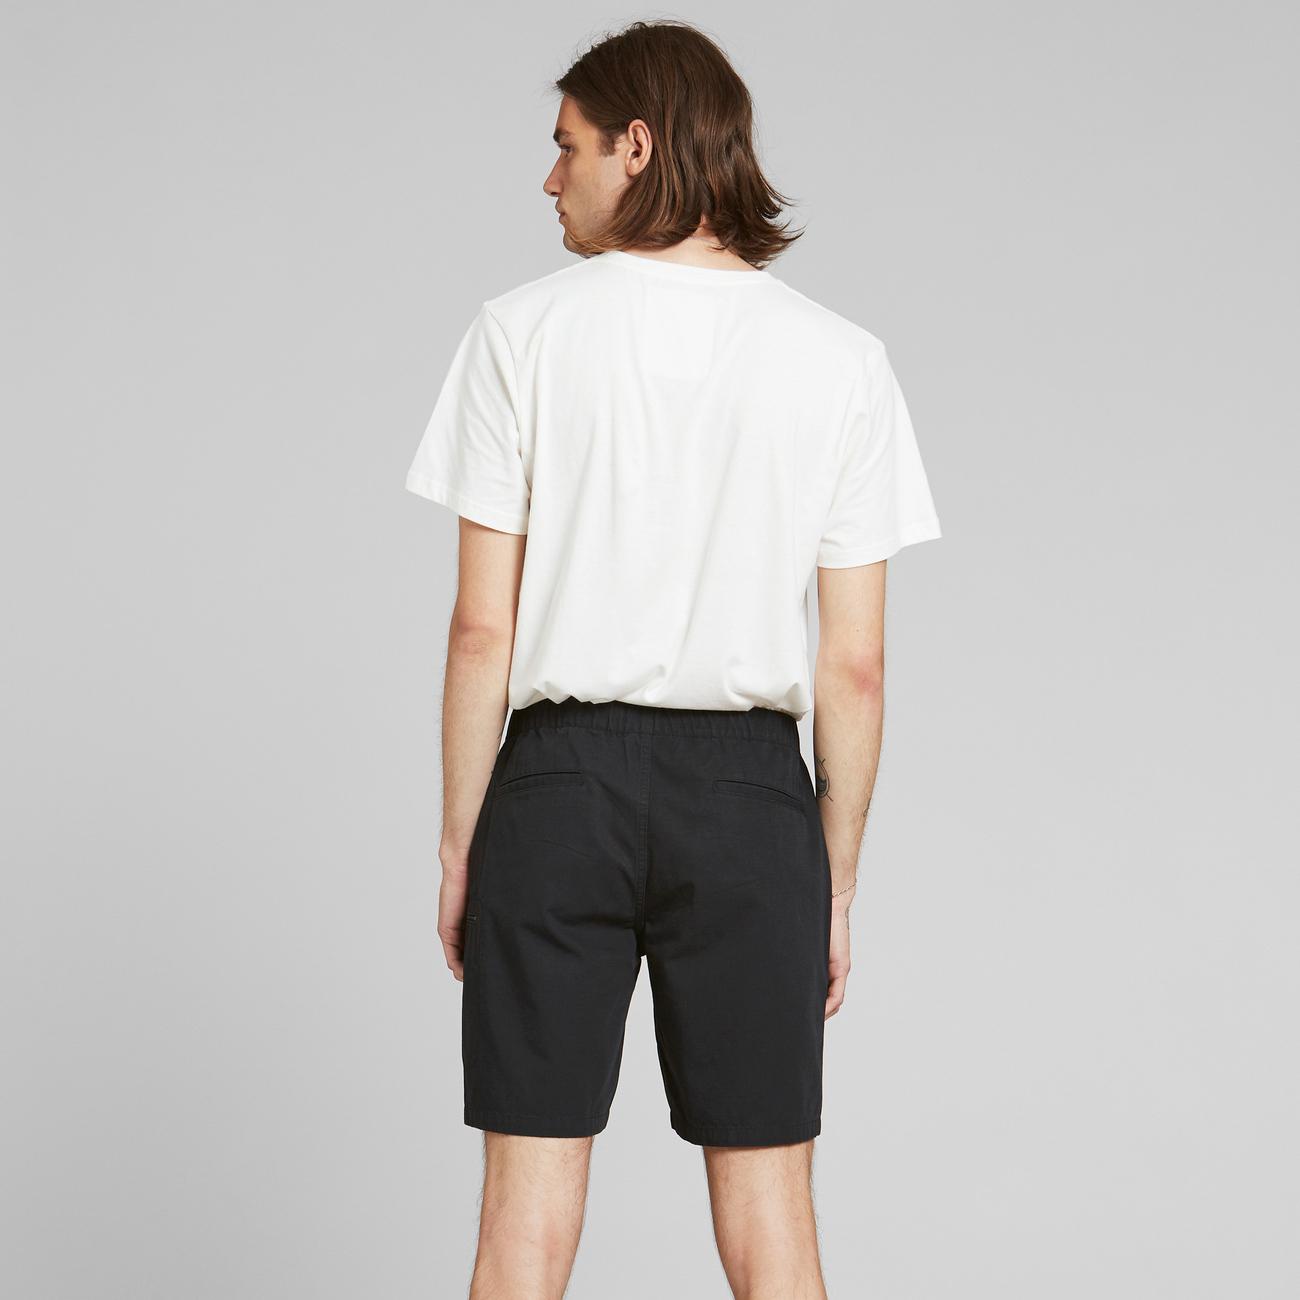 Shorts Kungsbacka Black